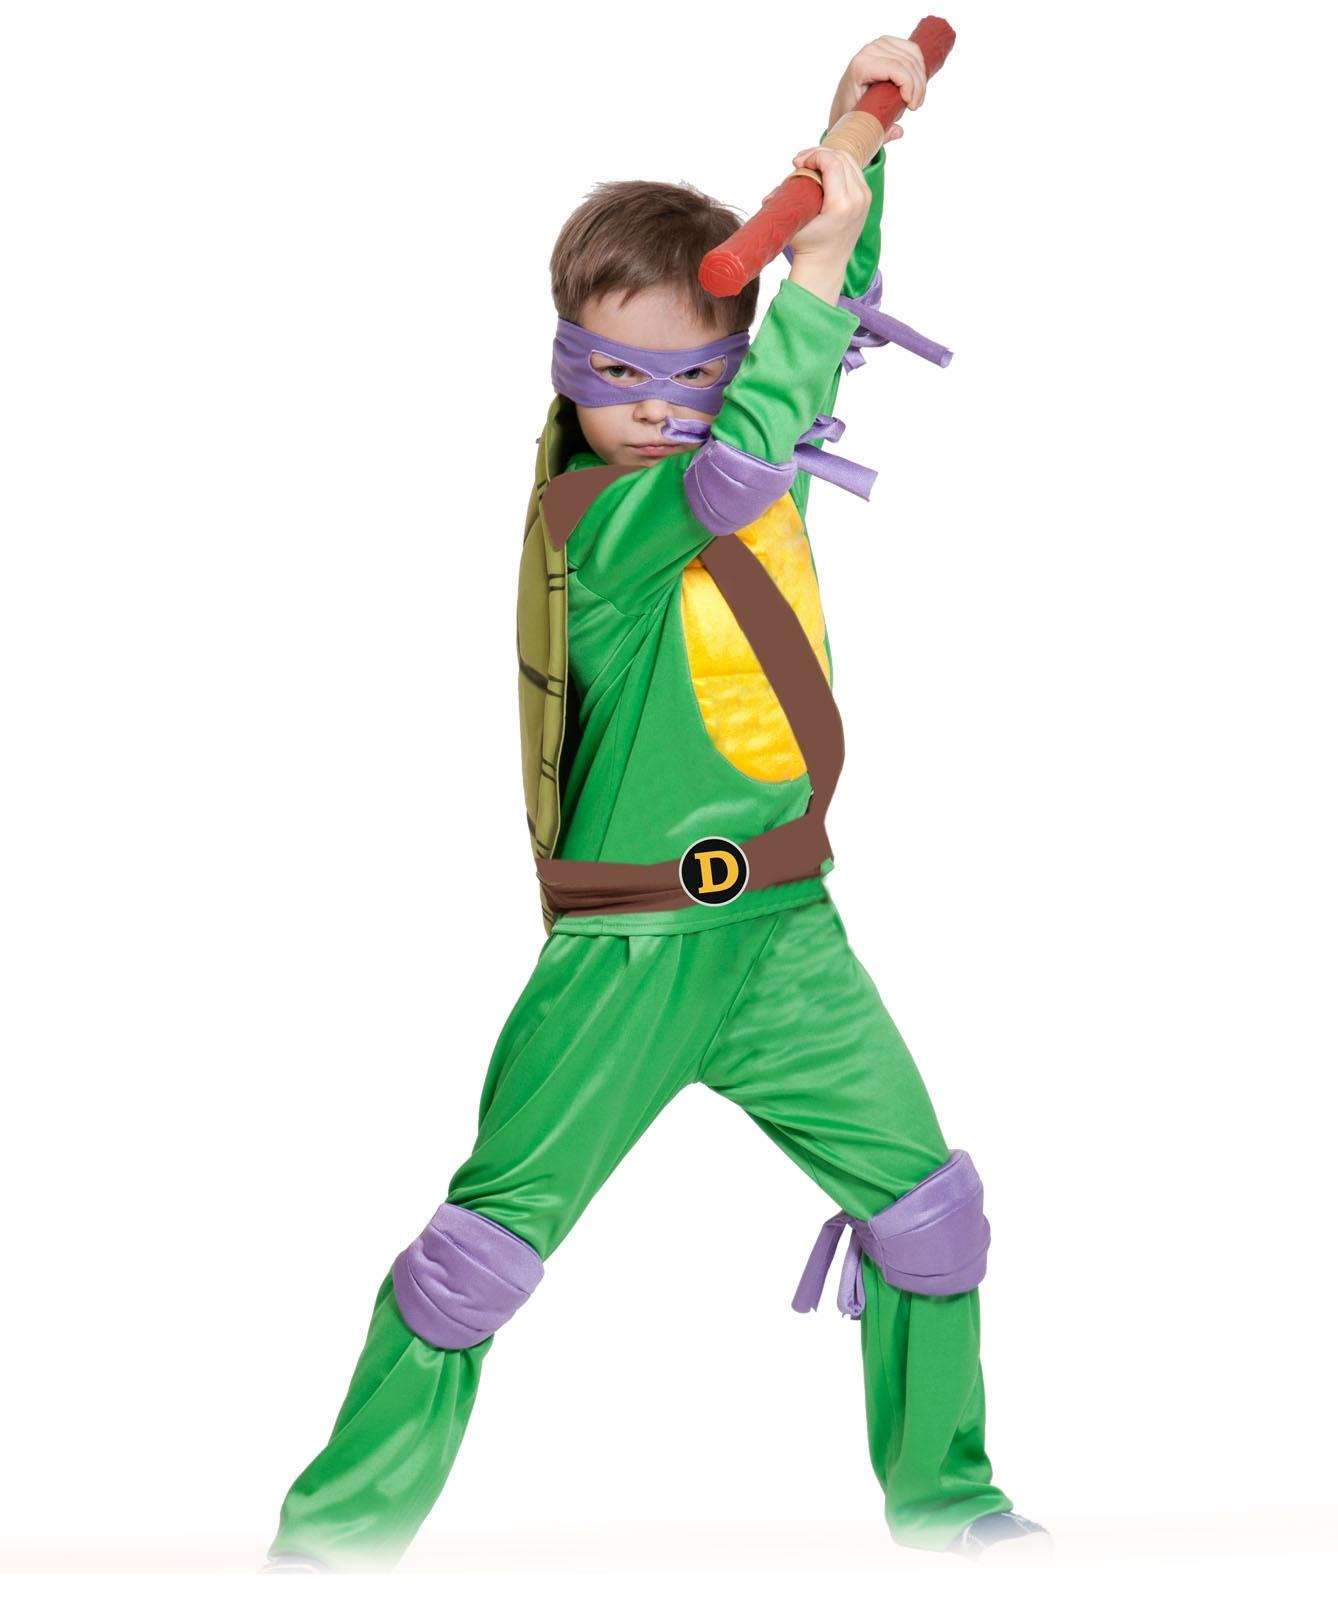 Детский костюм Ниндзя Черепашка Донателло (34-36) карнавальный костюм черепашка ниндзя р30